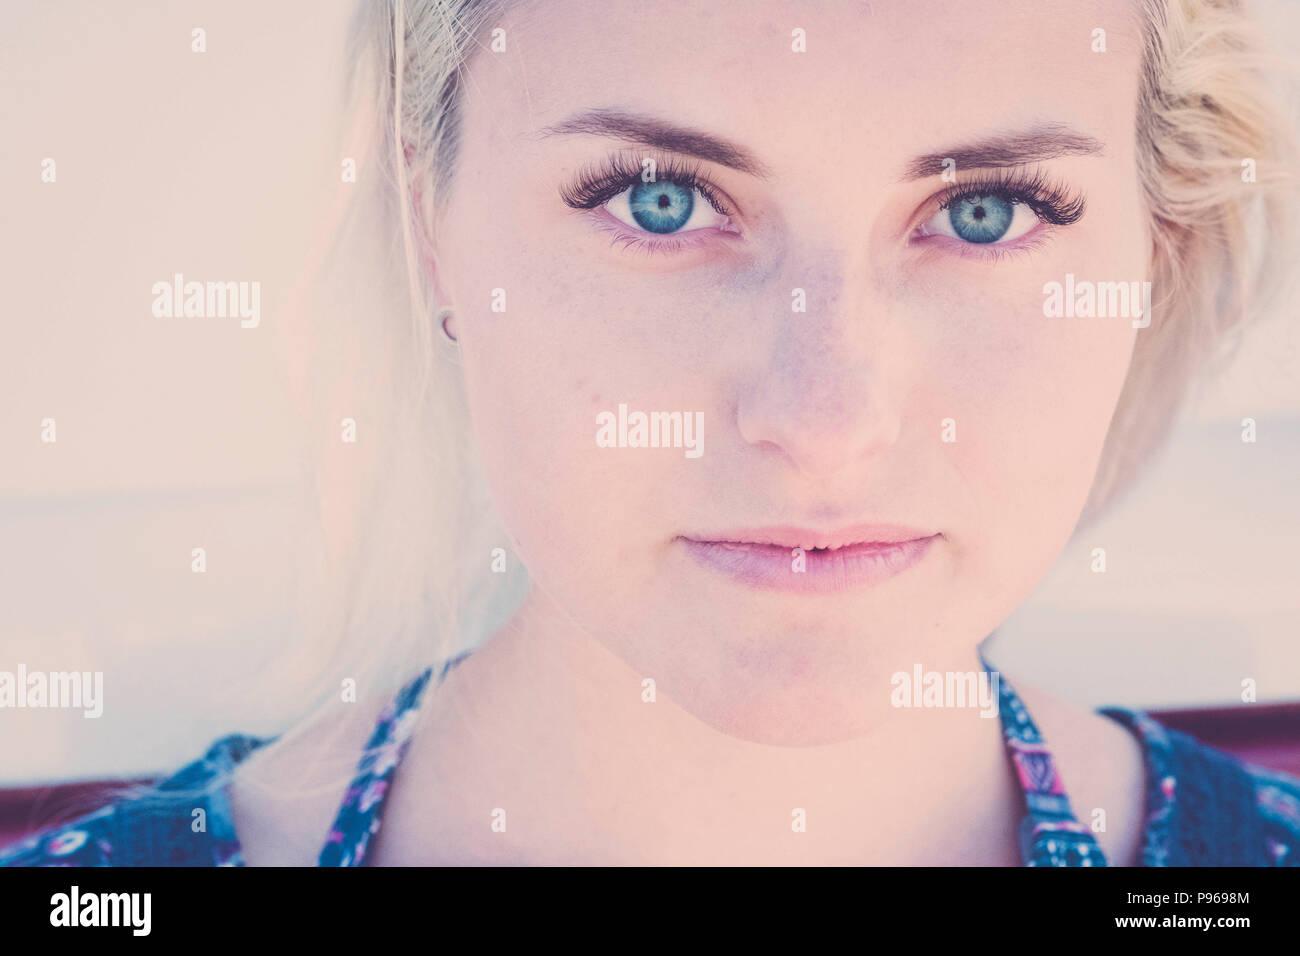 Portrait de flou artistique avec l'accent sur les yeux clairs d'une belle jeune fille de race blanche modèle russina s'asseoir et à la recherche pour vous sur appareil photo. petit sourire se détendre Photo Stock